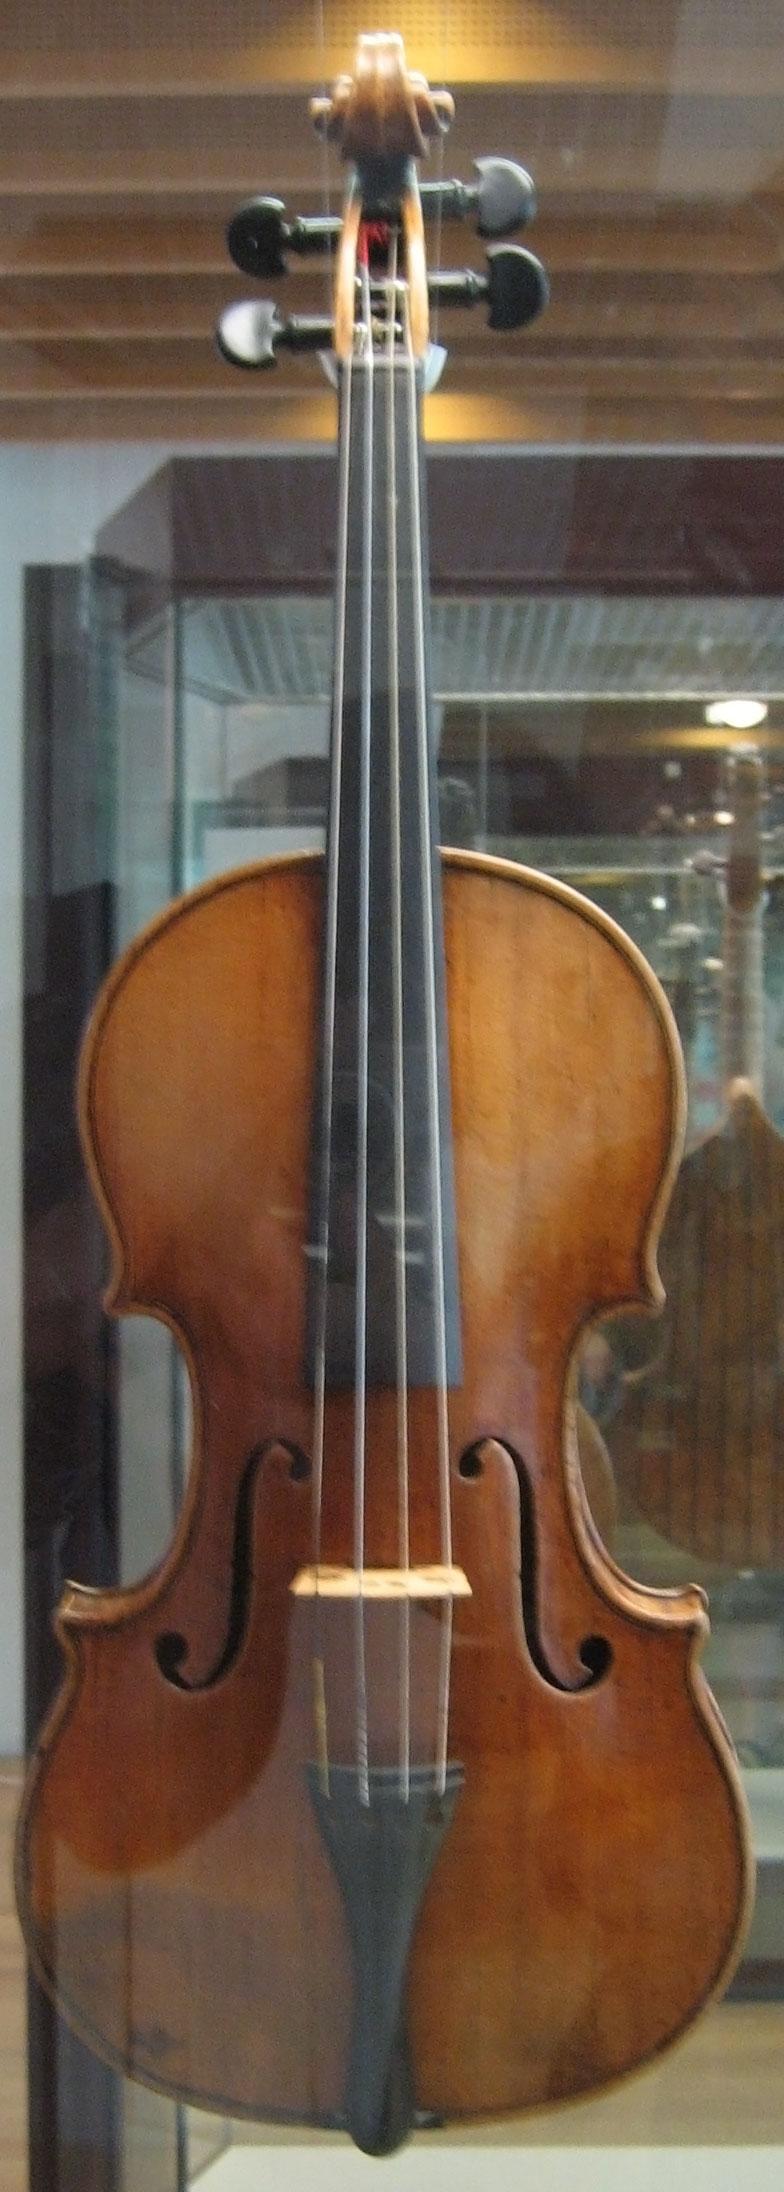 Antonio Stradivari violin of